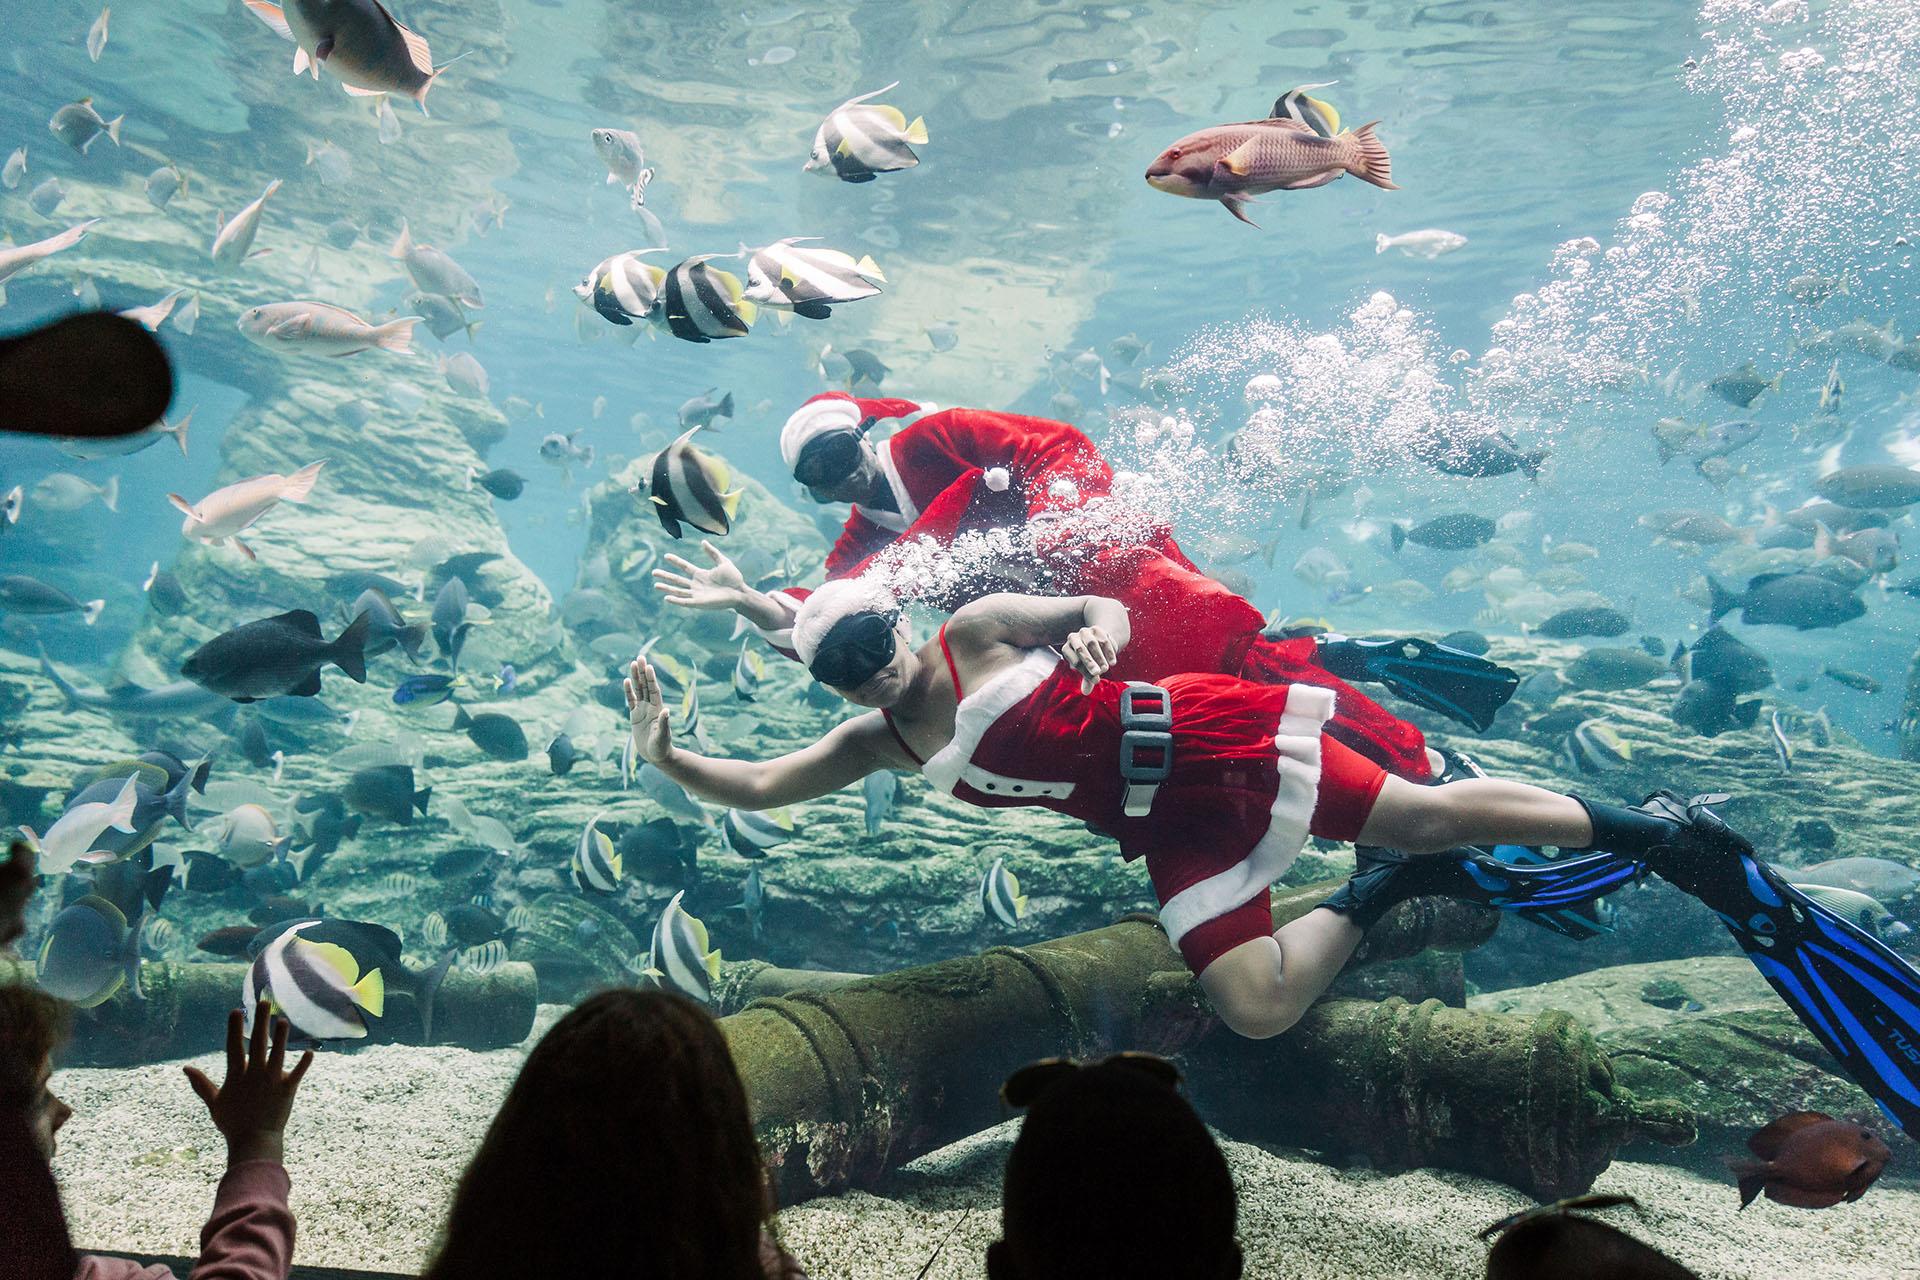 En Sudáfrica también hay buceo con motivos navideños(Photo by RAJESH JANTILAL / AFP)